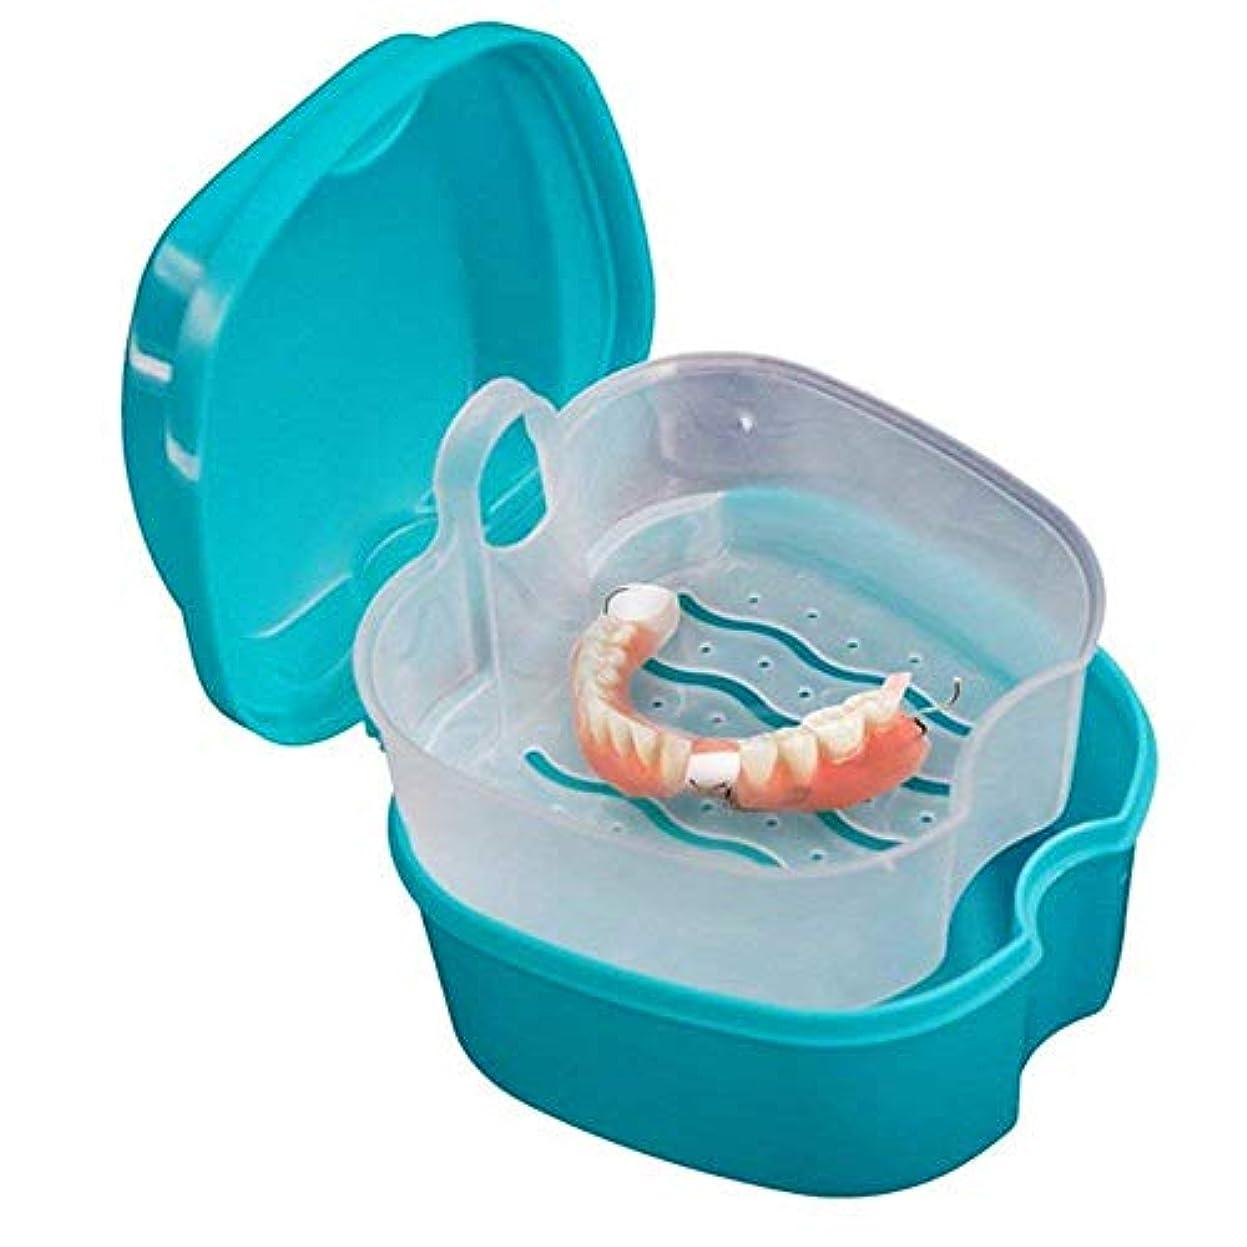 絶滅したいくつかの評決CoiTek 入れ歯ケース 義歯ケース 携帯 家庭旅行用 ストレーナー付き ブルー